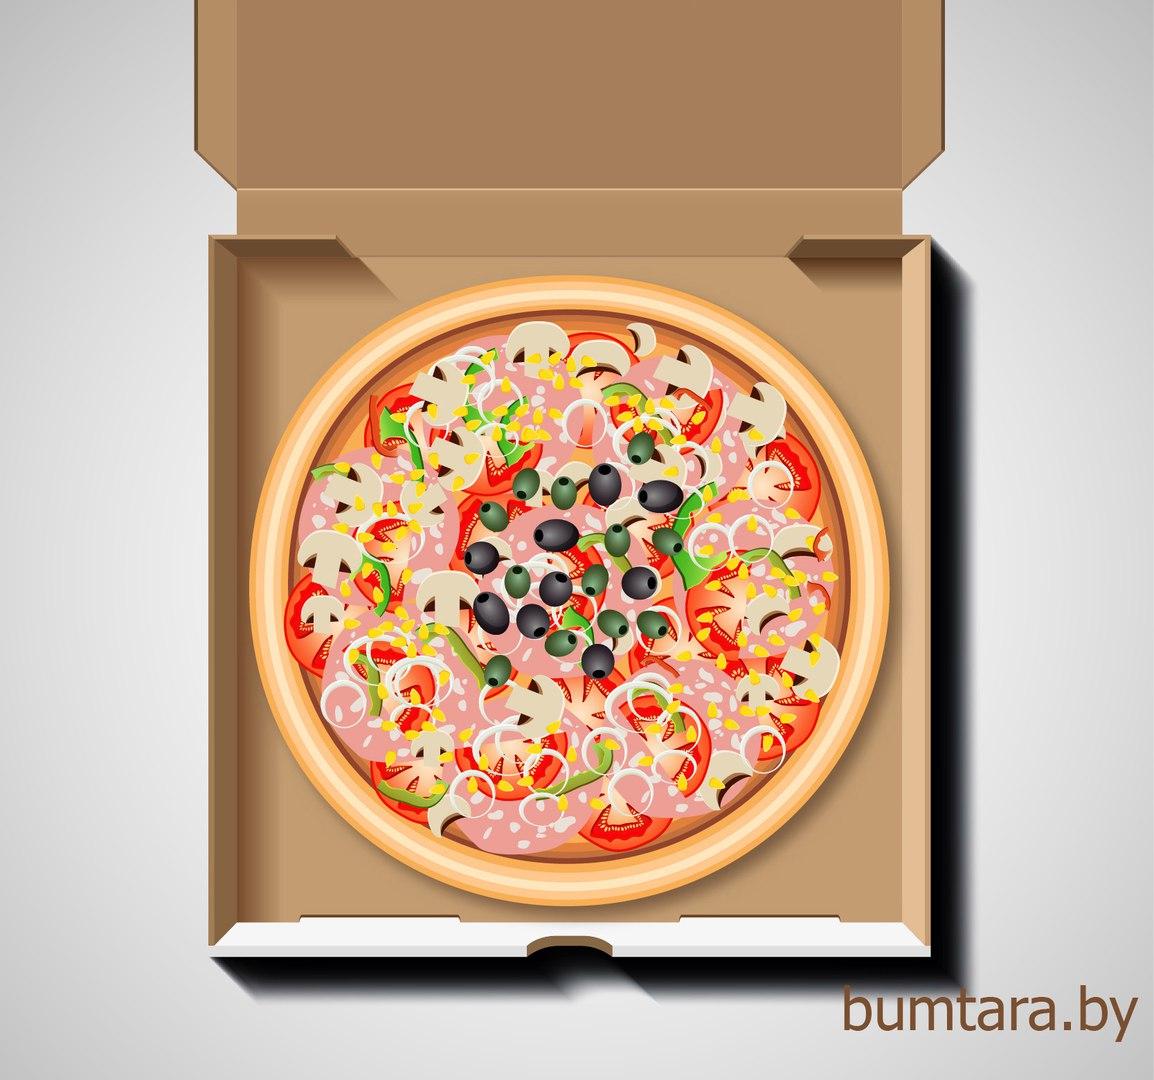 прошла картинки для коробки пиццы этого могут